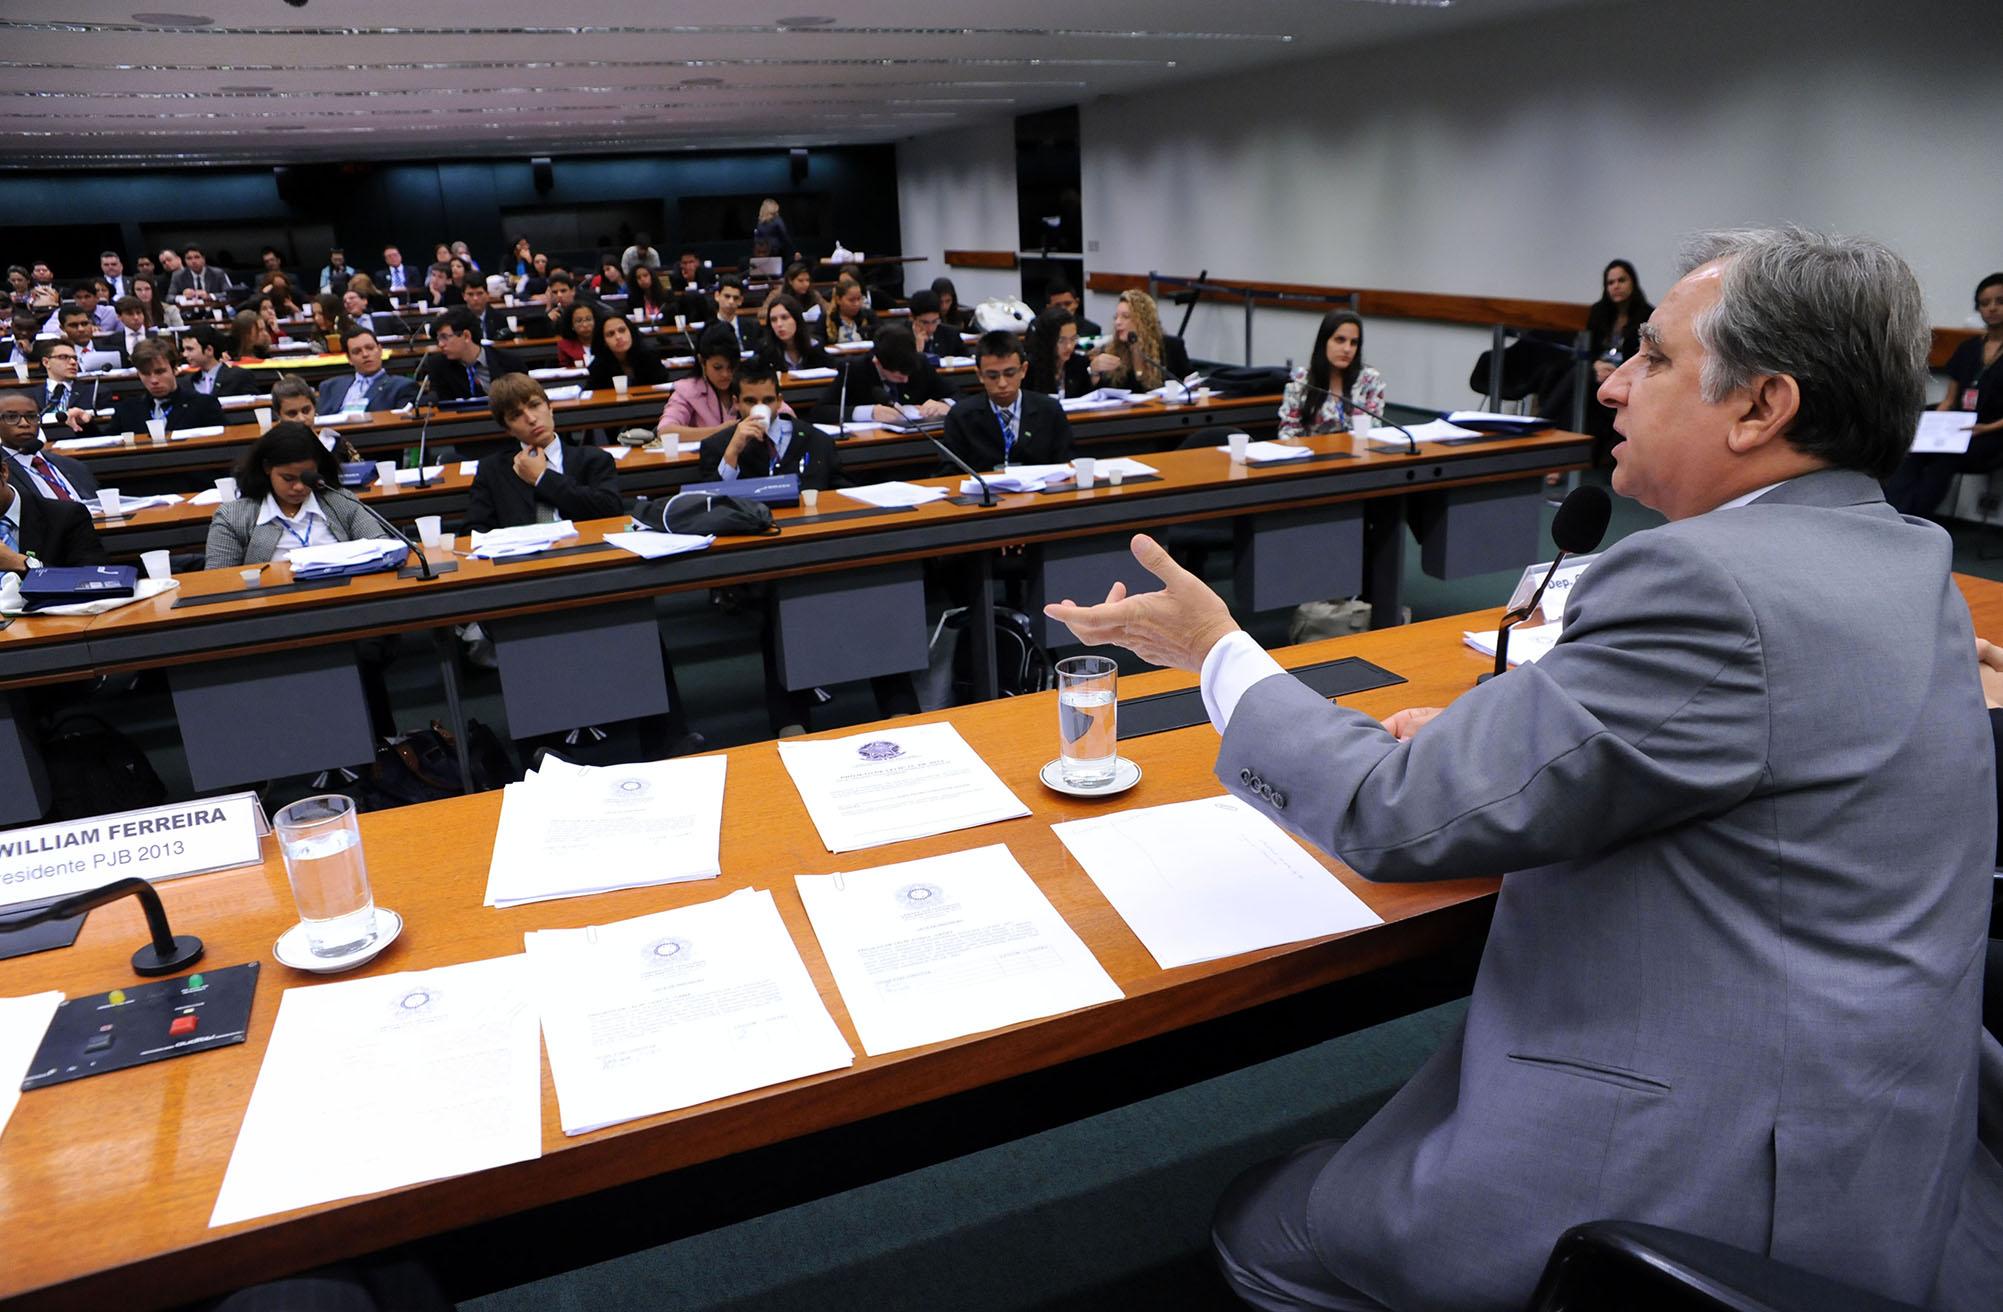 Deputado Izalci. Foto: Lucio Bernardo Jr./Câmara dos Deputados